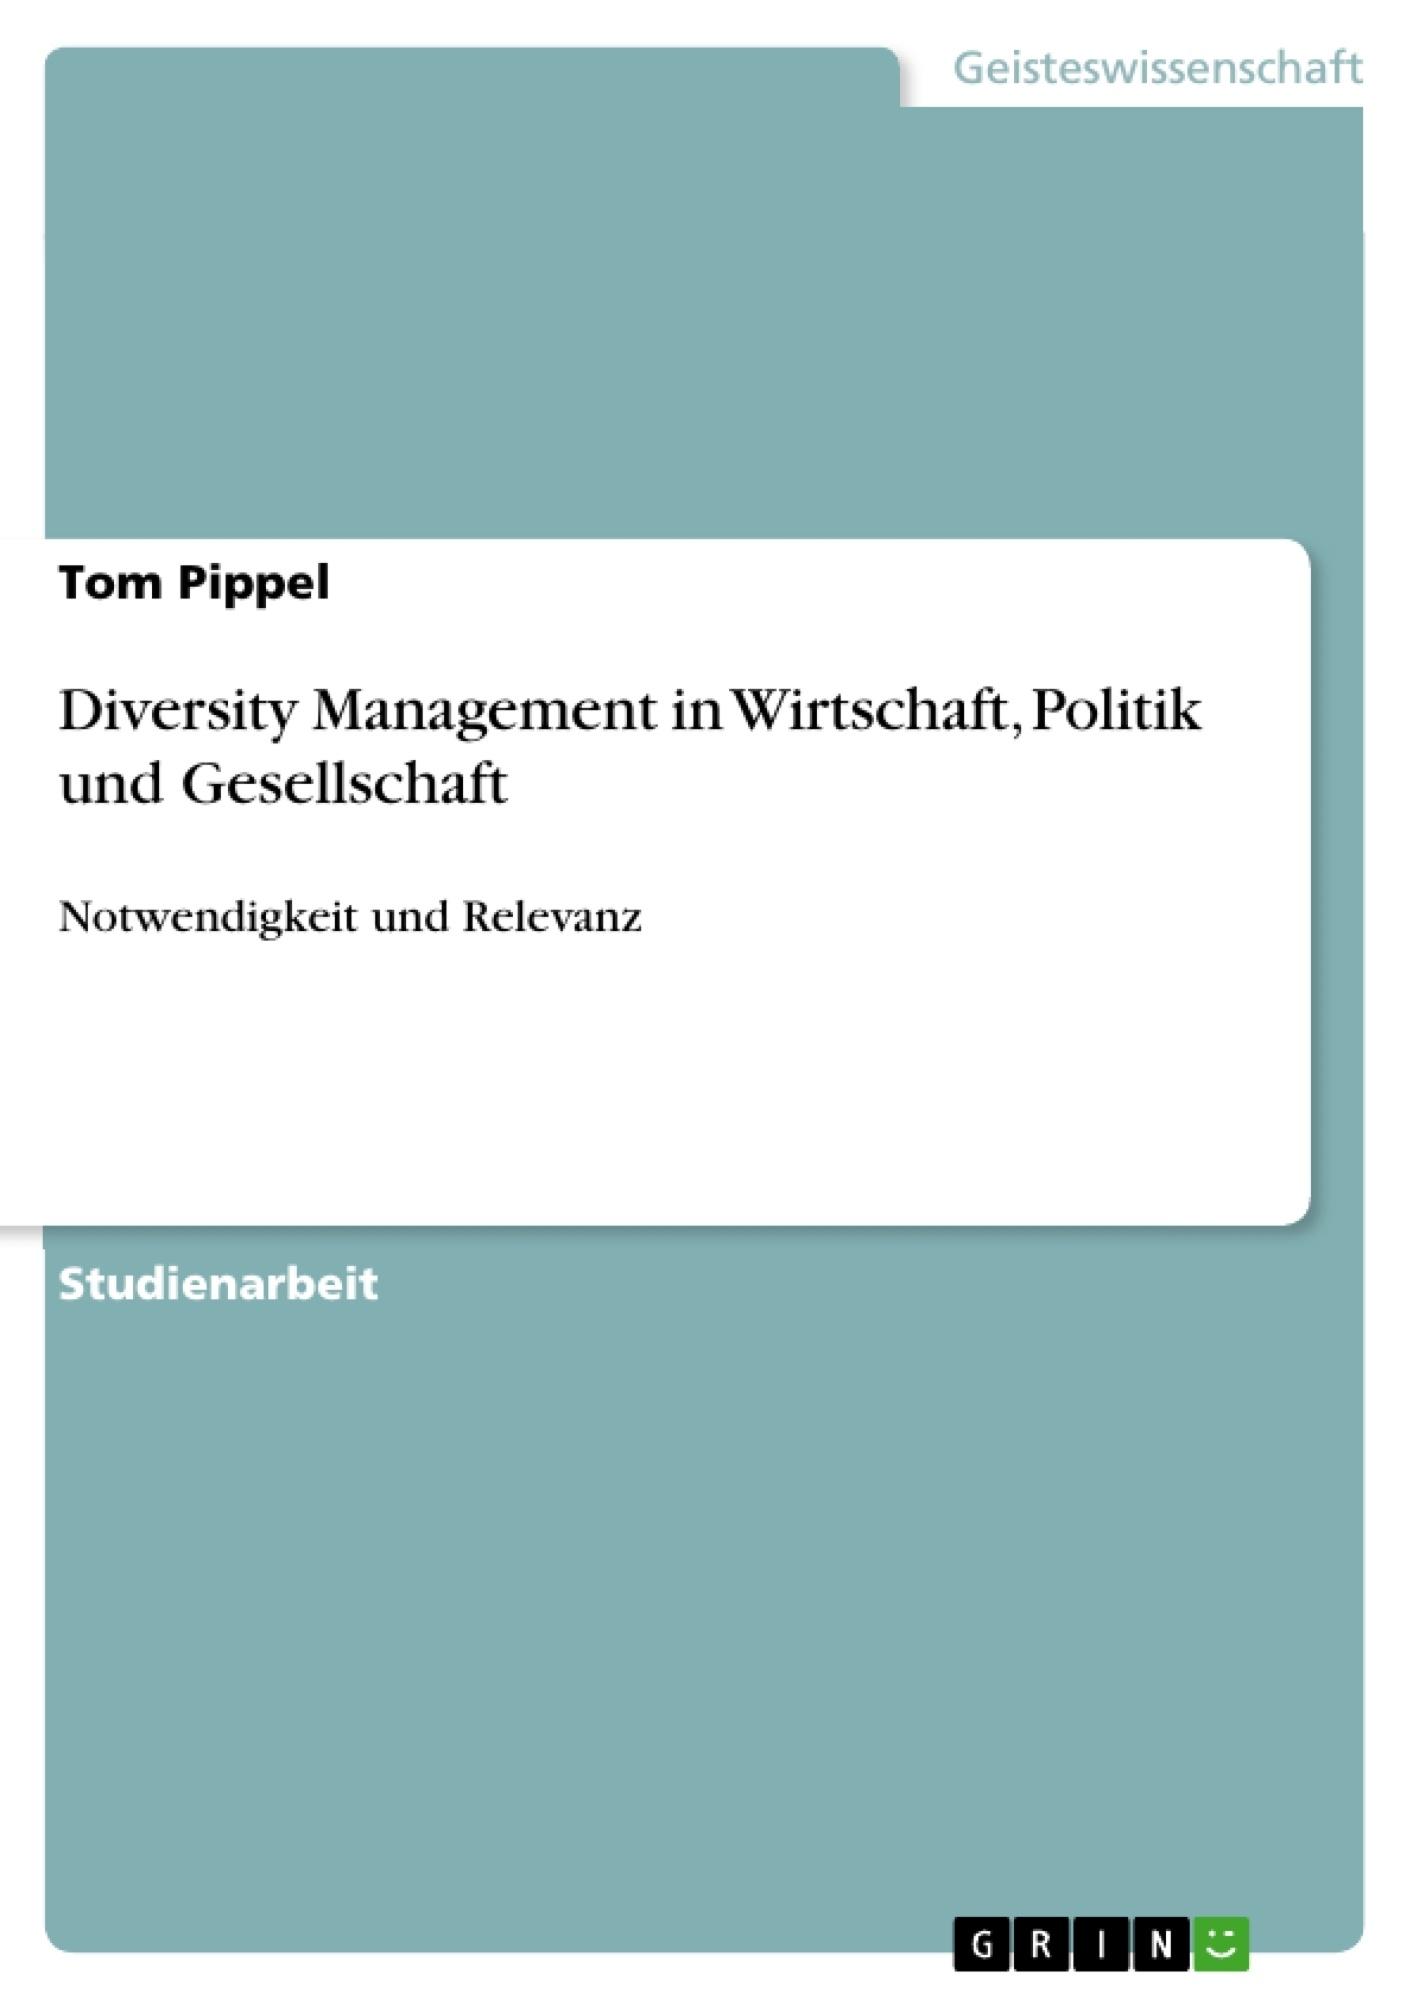 Titel: Diversity Management in Wirtschaft, Politik und Gesellschaft